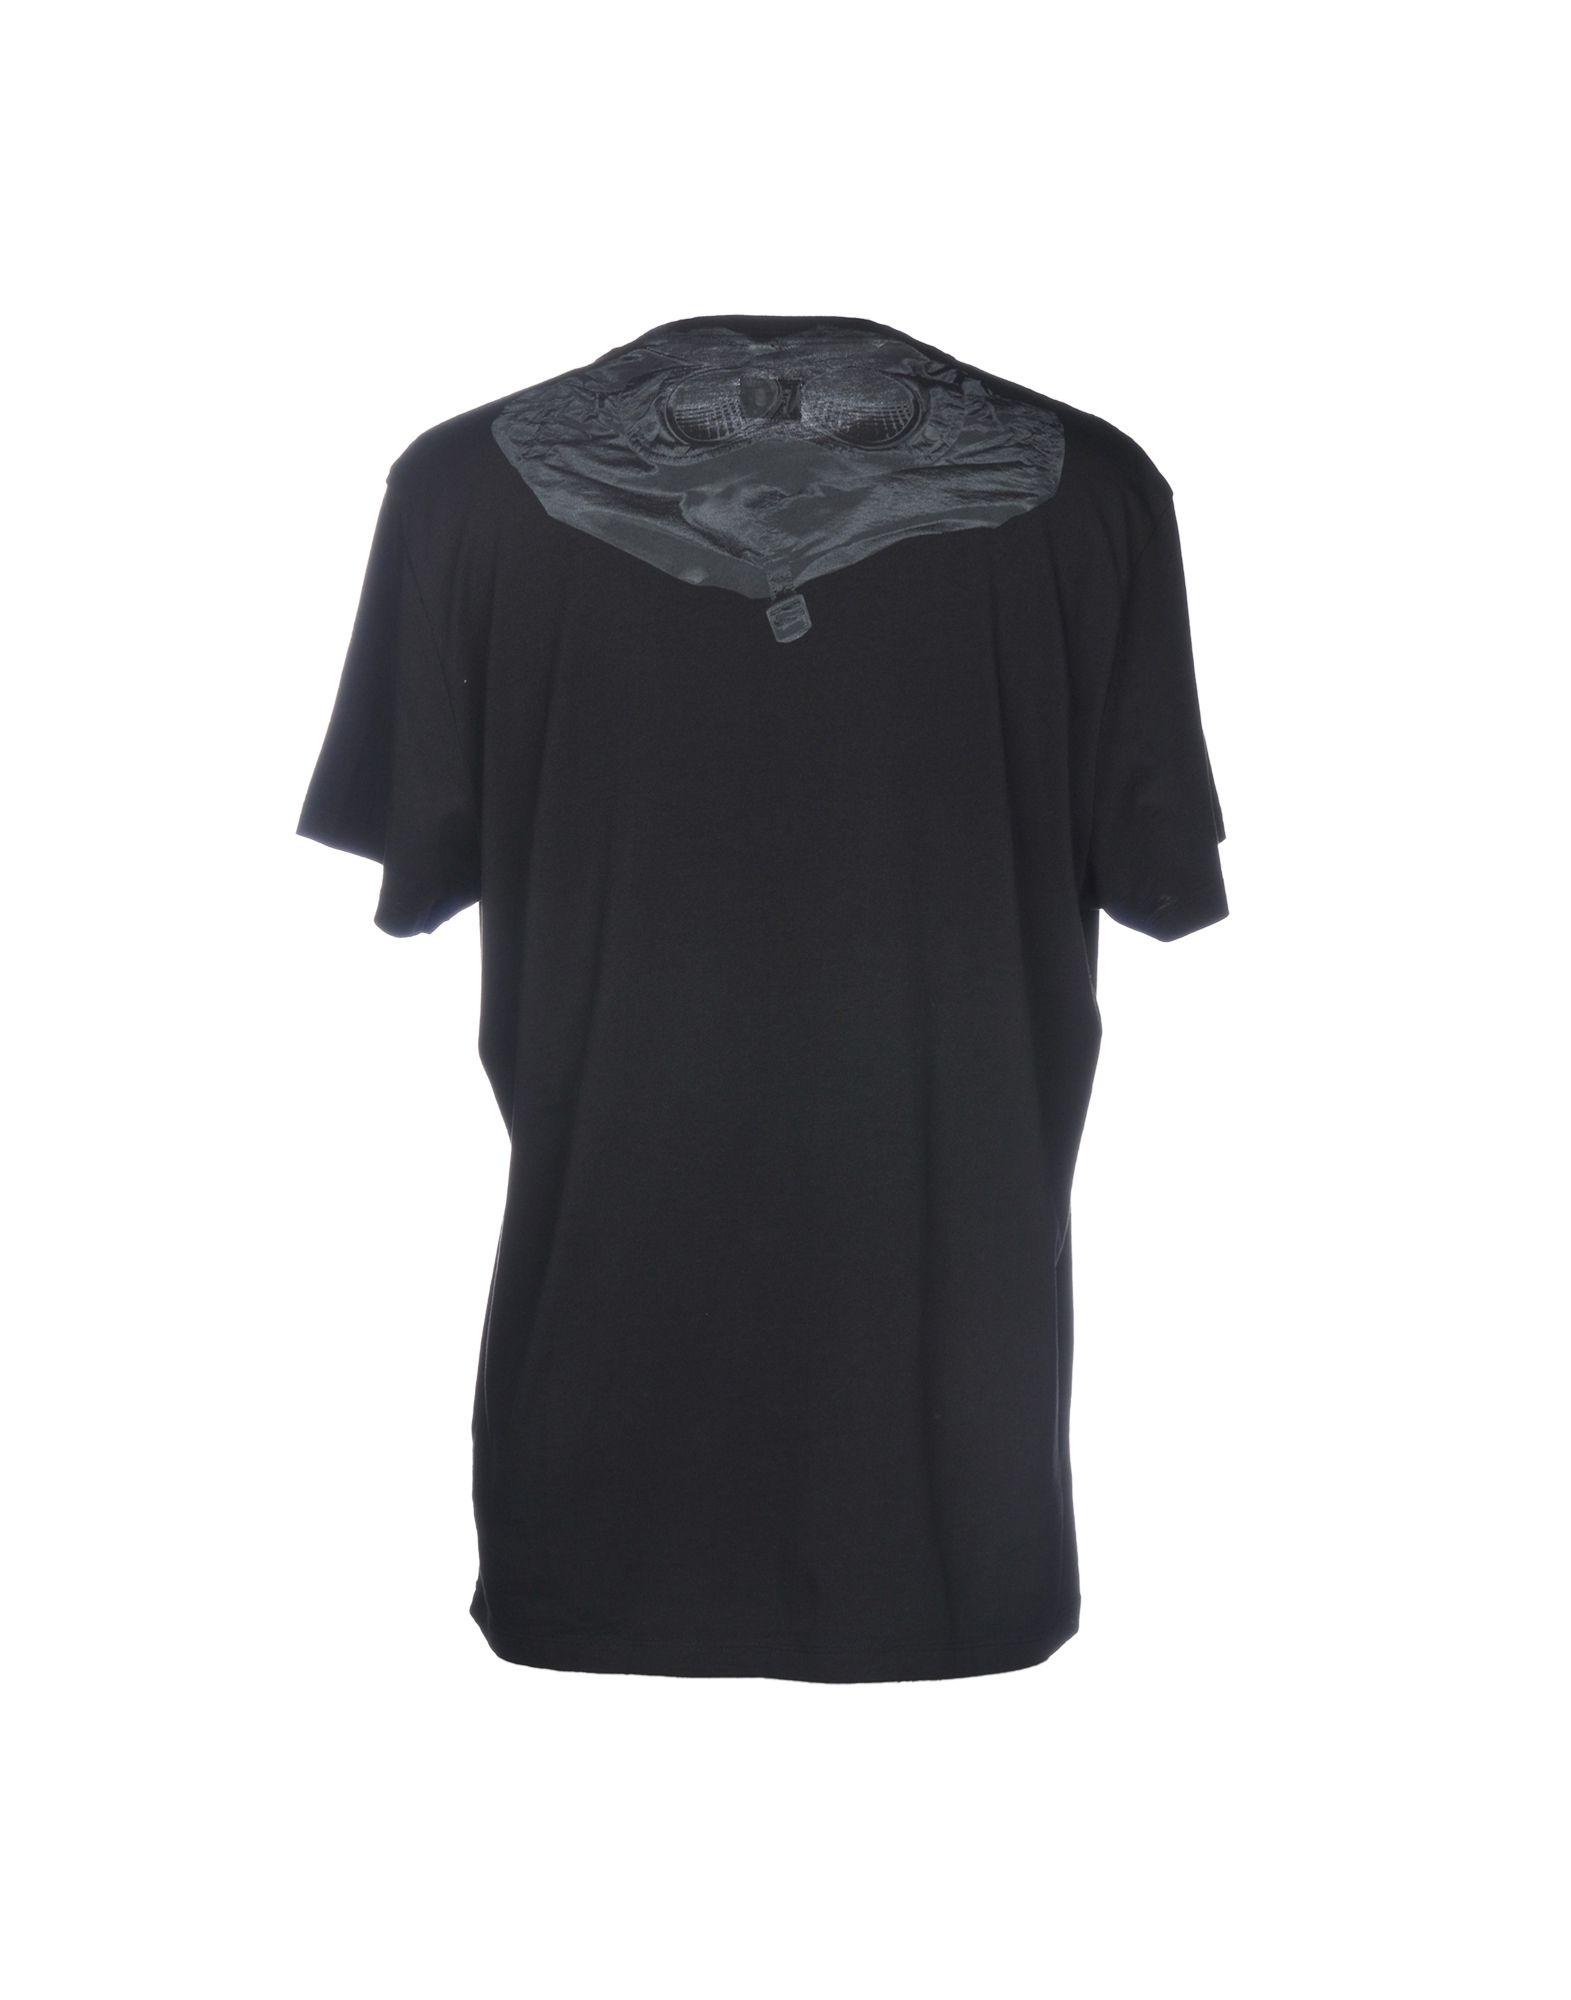 T-Shirt C.P. Uomo Company Uomo C.P. - 12206643DB 6fabdb